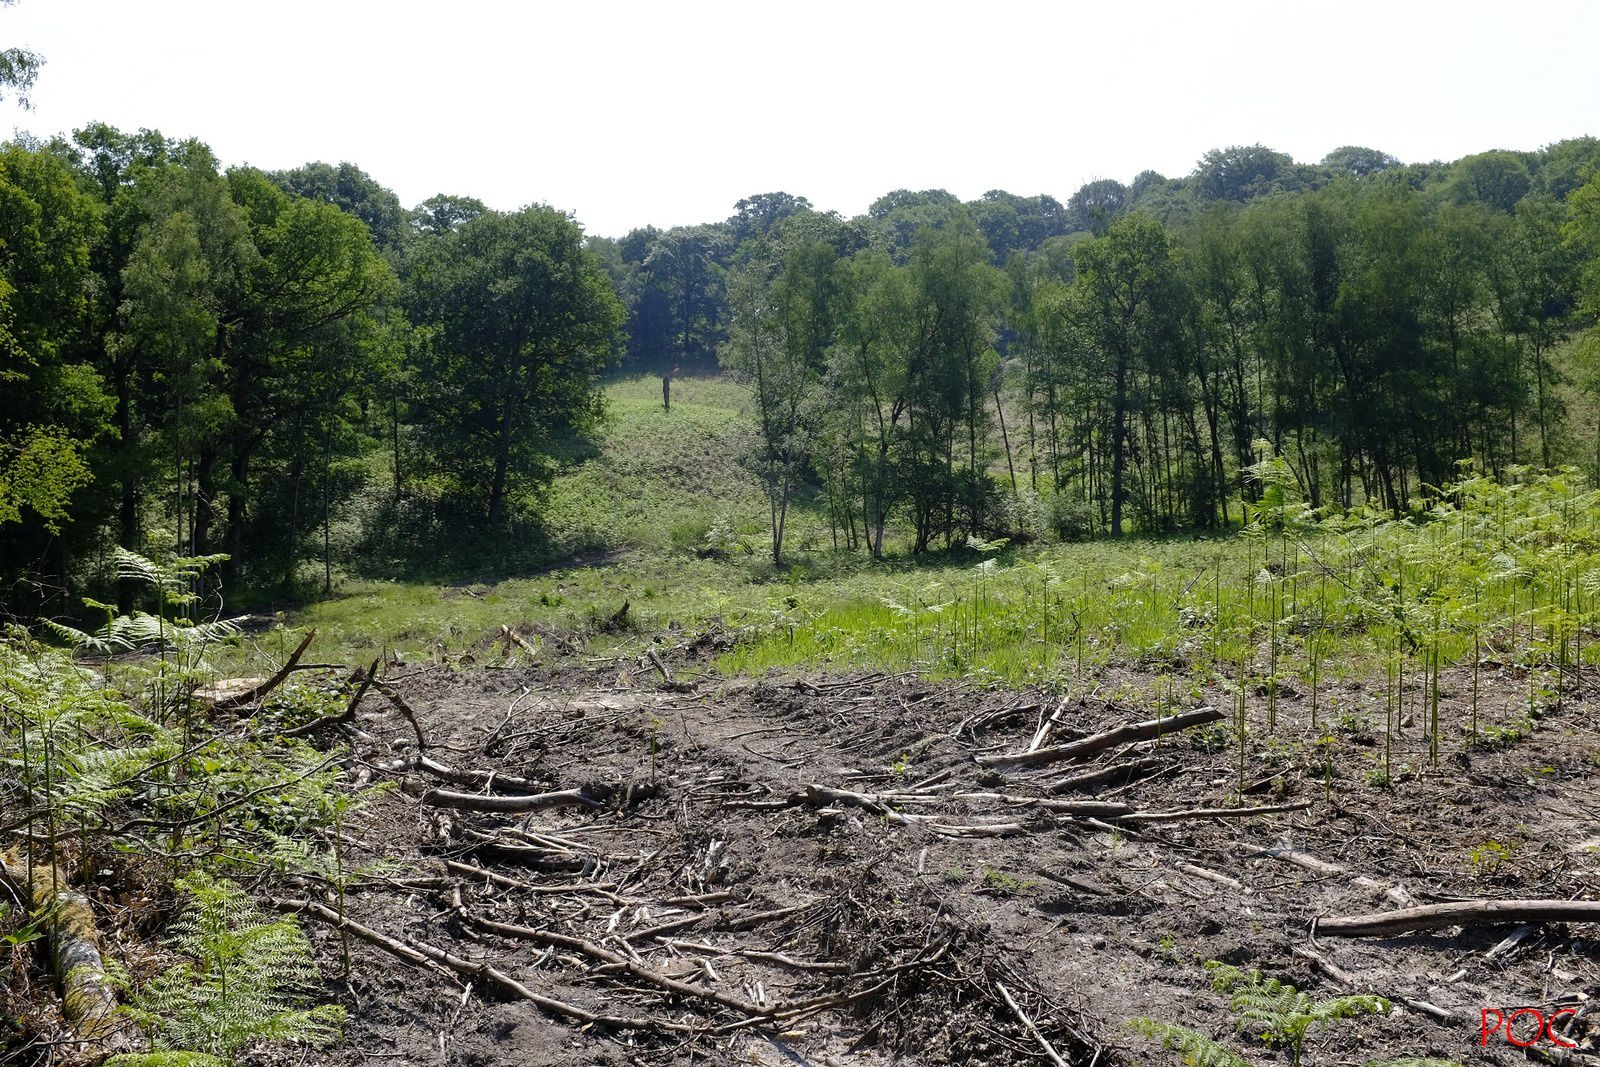 Le sol est ravagé par les lourds engins mécaniques. Il semble que la maladie de Lyme est due à l'exploitation intensive des forêts qui détruisent son habitat et bouleversent les relations des tiques avec leurs hôtes et leurs prédateurs naturels.